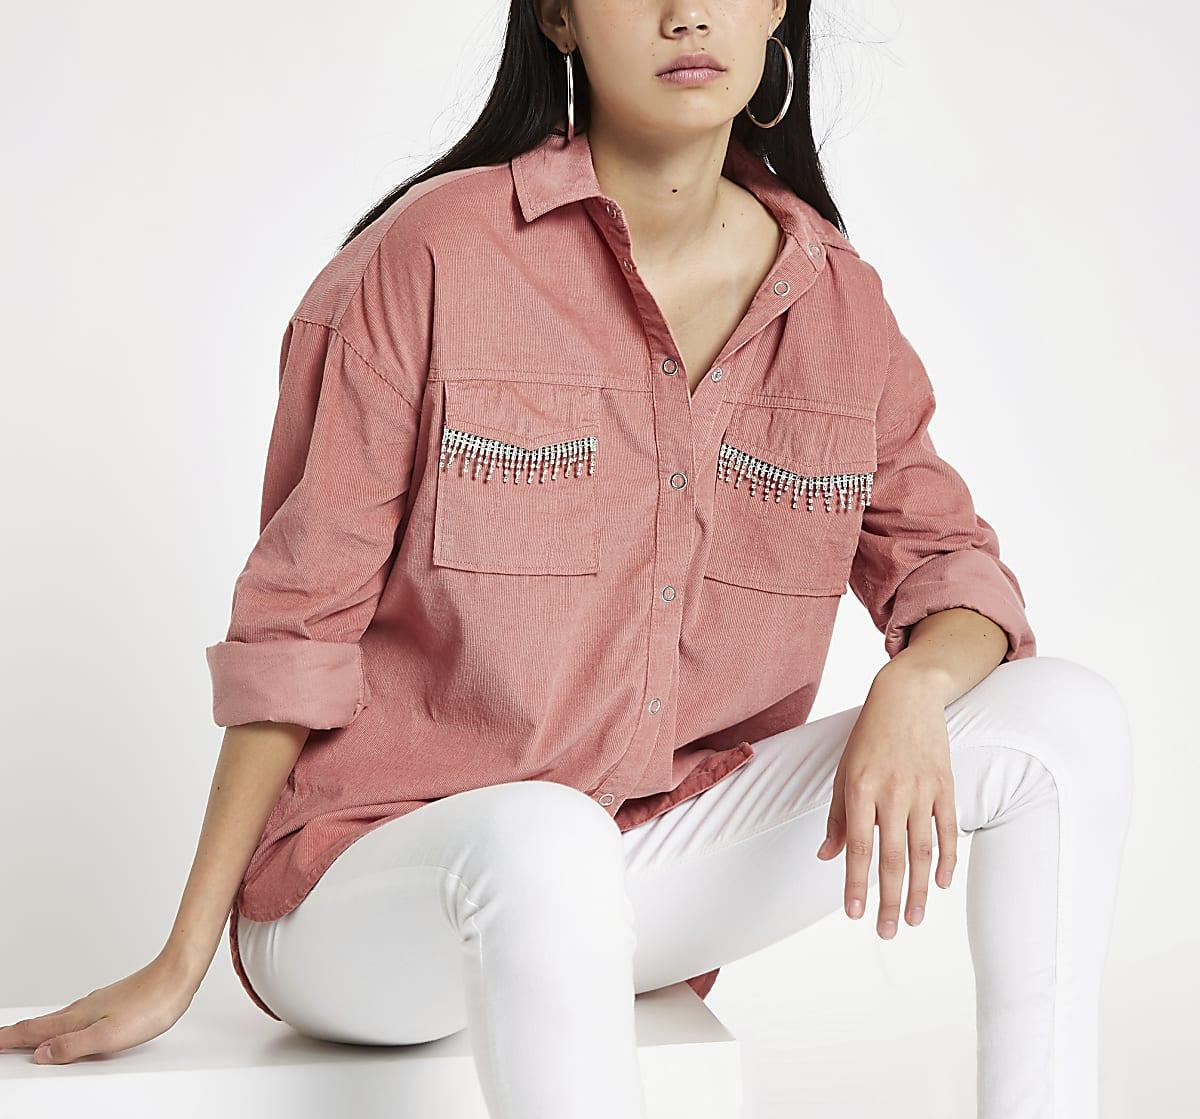 Pink corduroy rhinestone embellished shirt